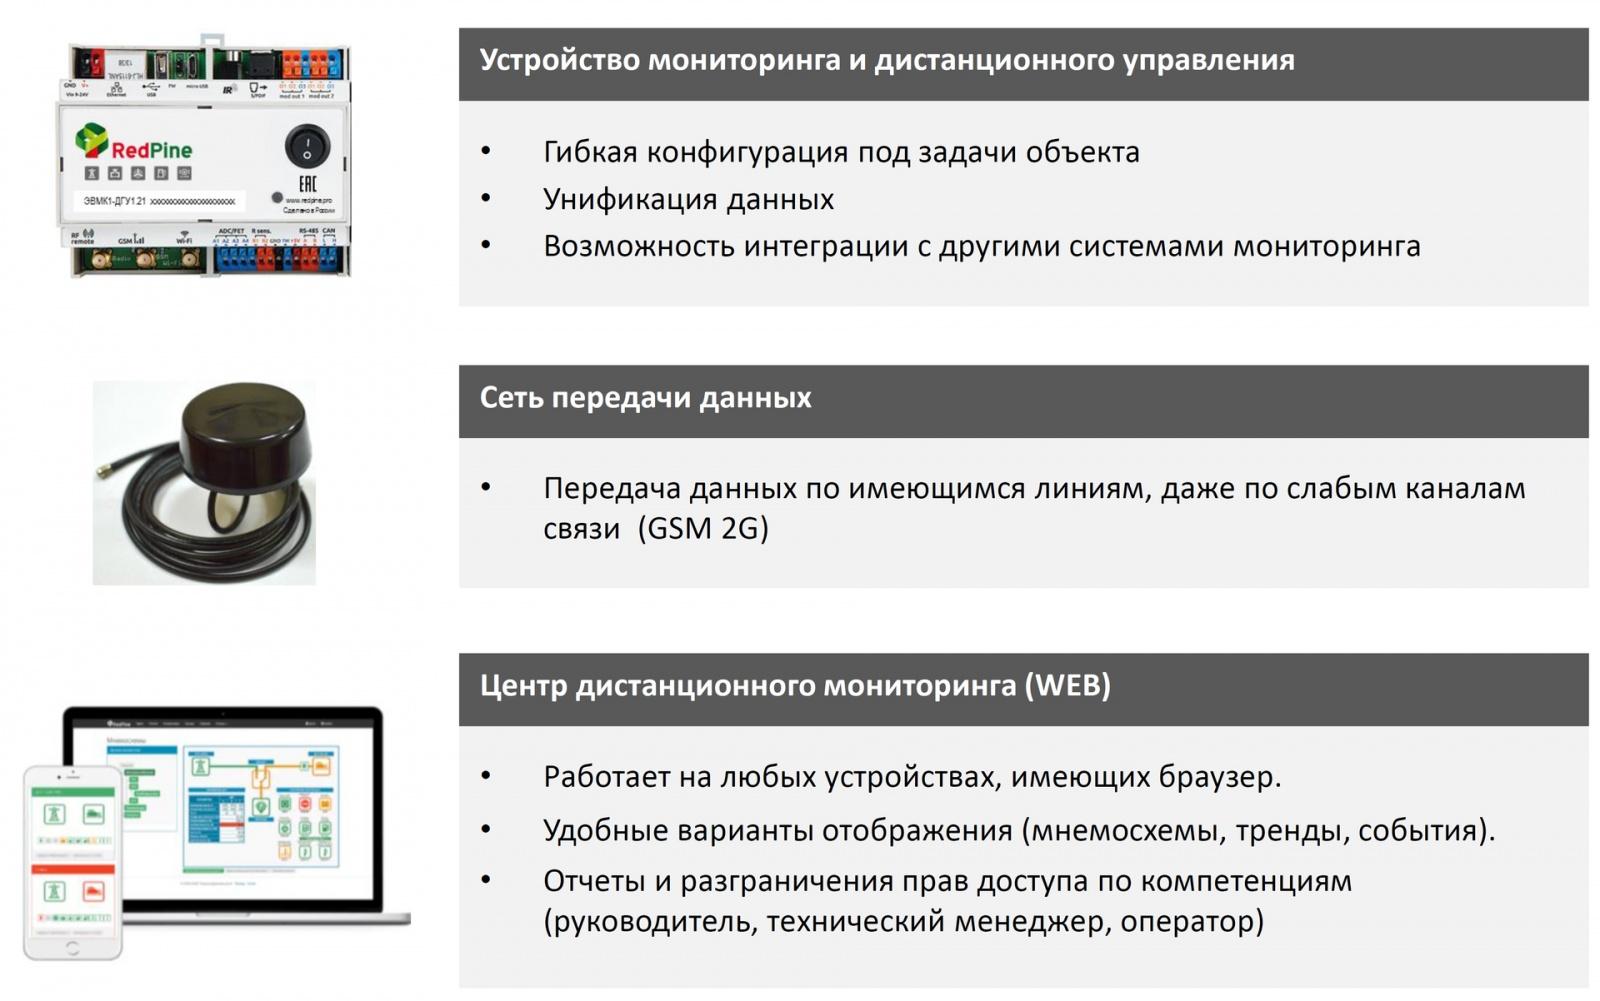 Российская система мониторинга RedPine — от проблемы к рождению нового продукта - 3